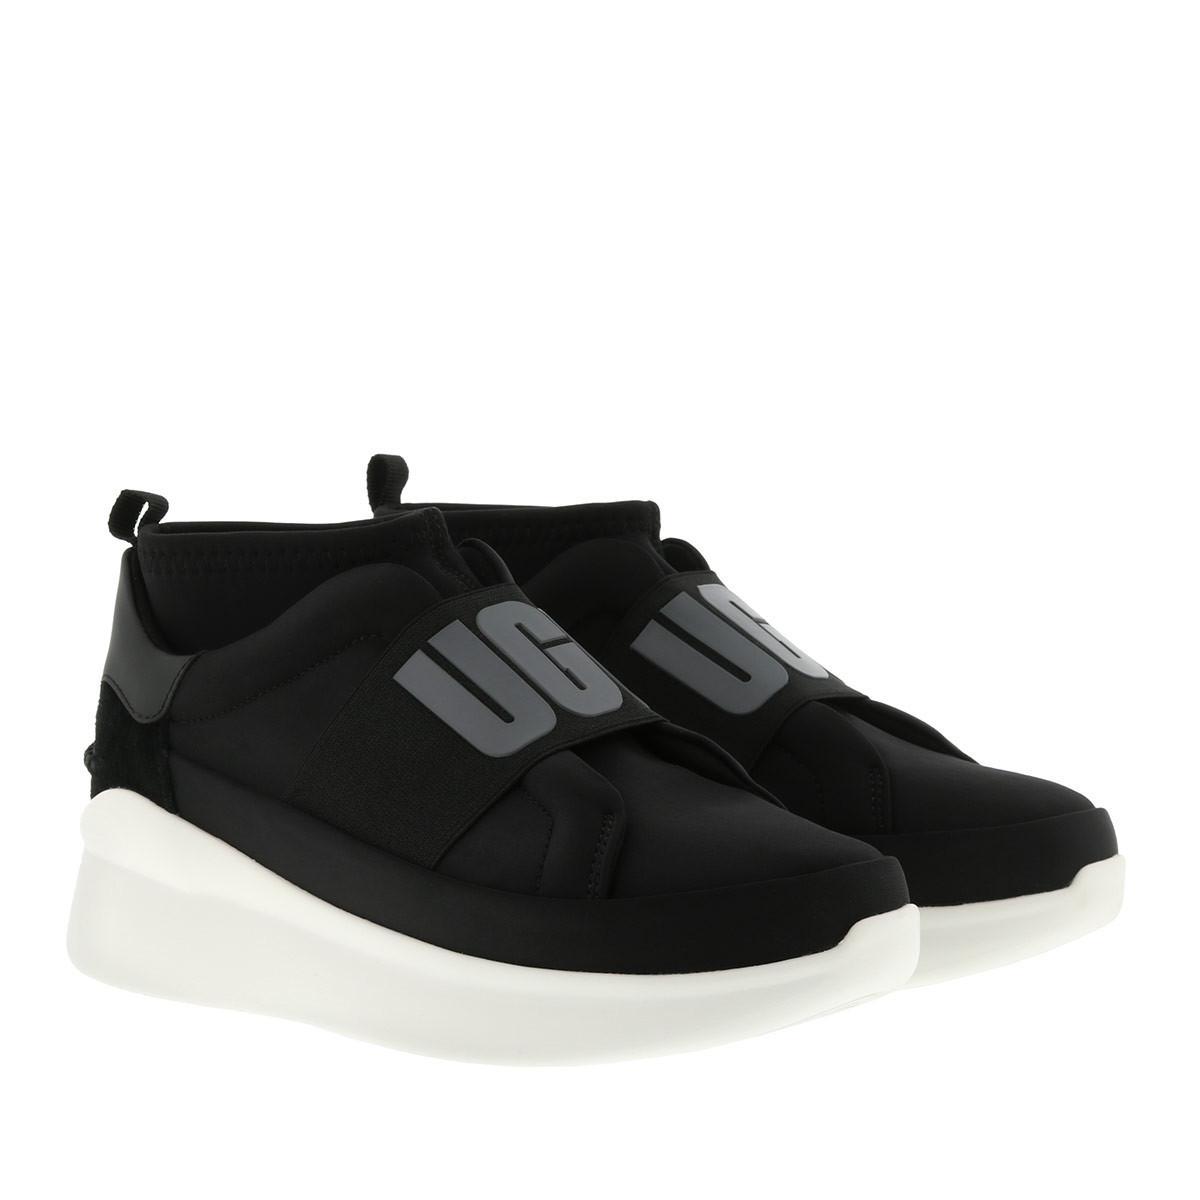 40e837553a5 Ugg W Neutra Sneaker Black